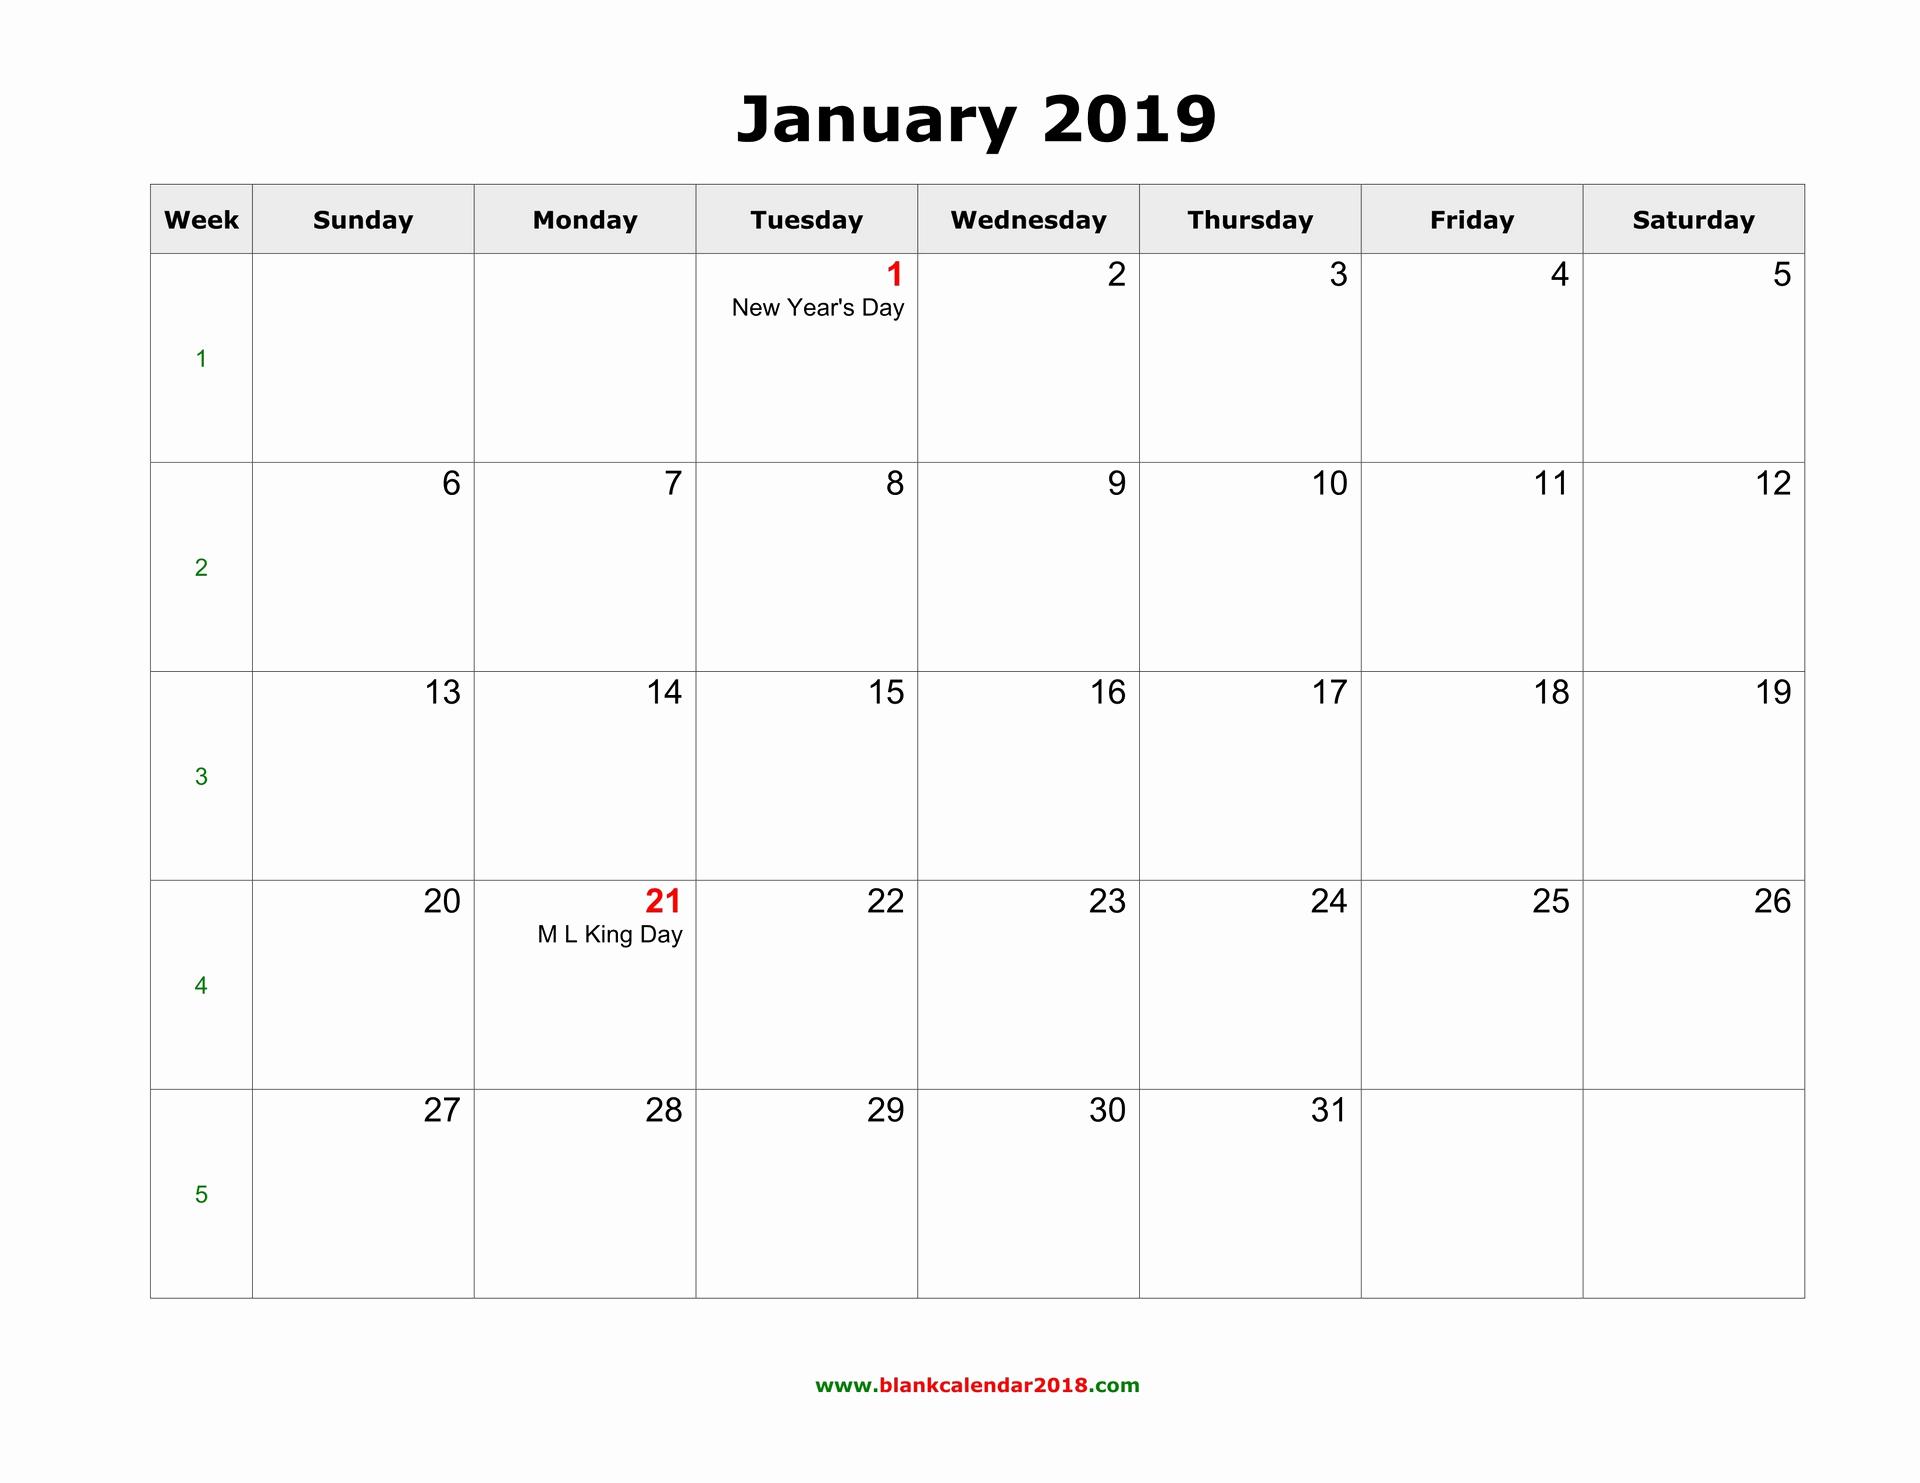 Blank Calendar Template 2019 Inspirational Blank Calendar 2019